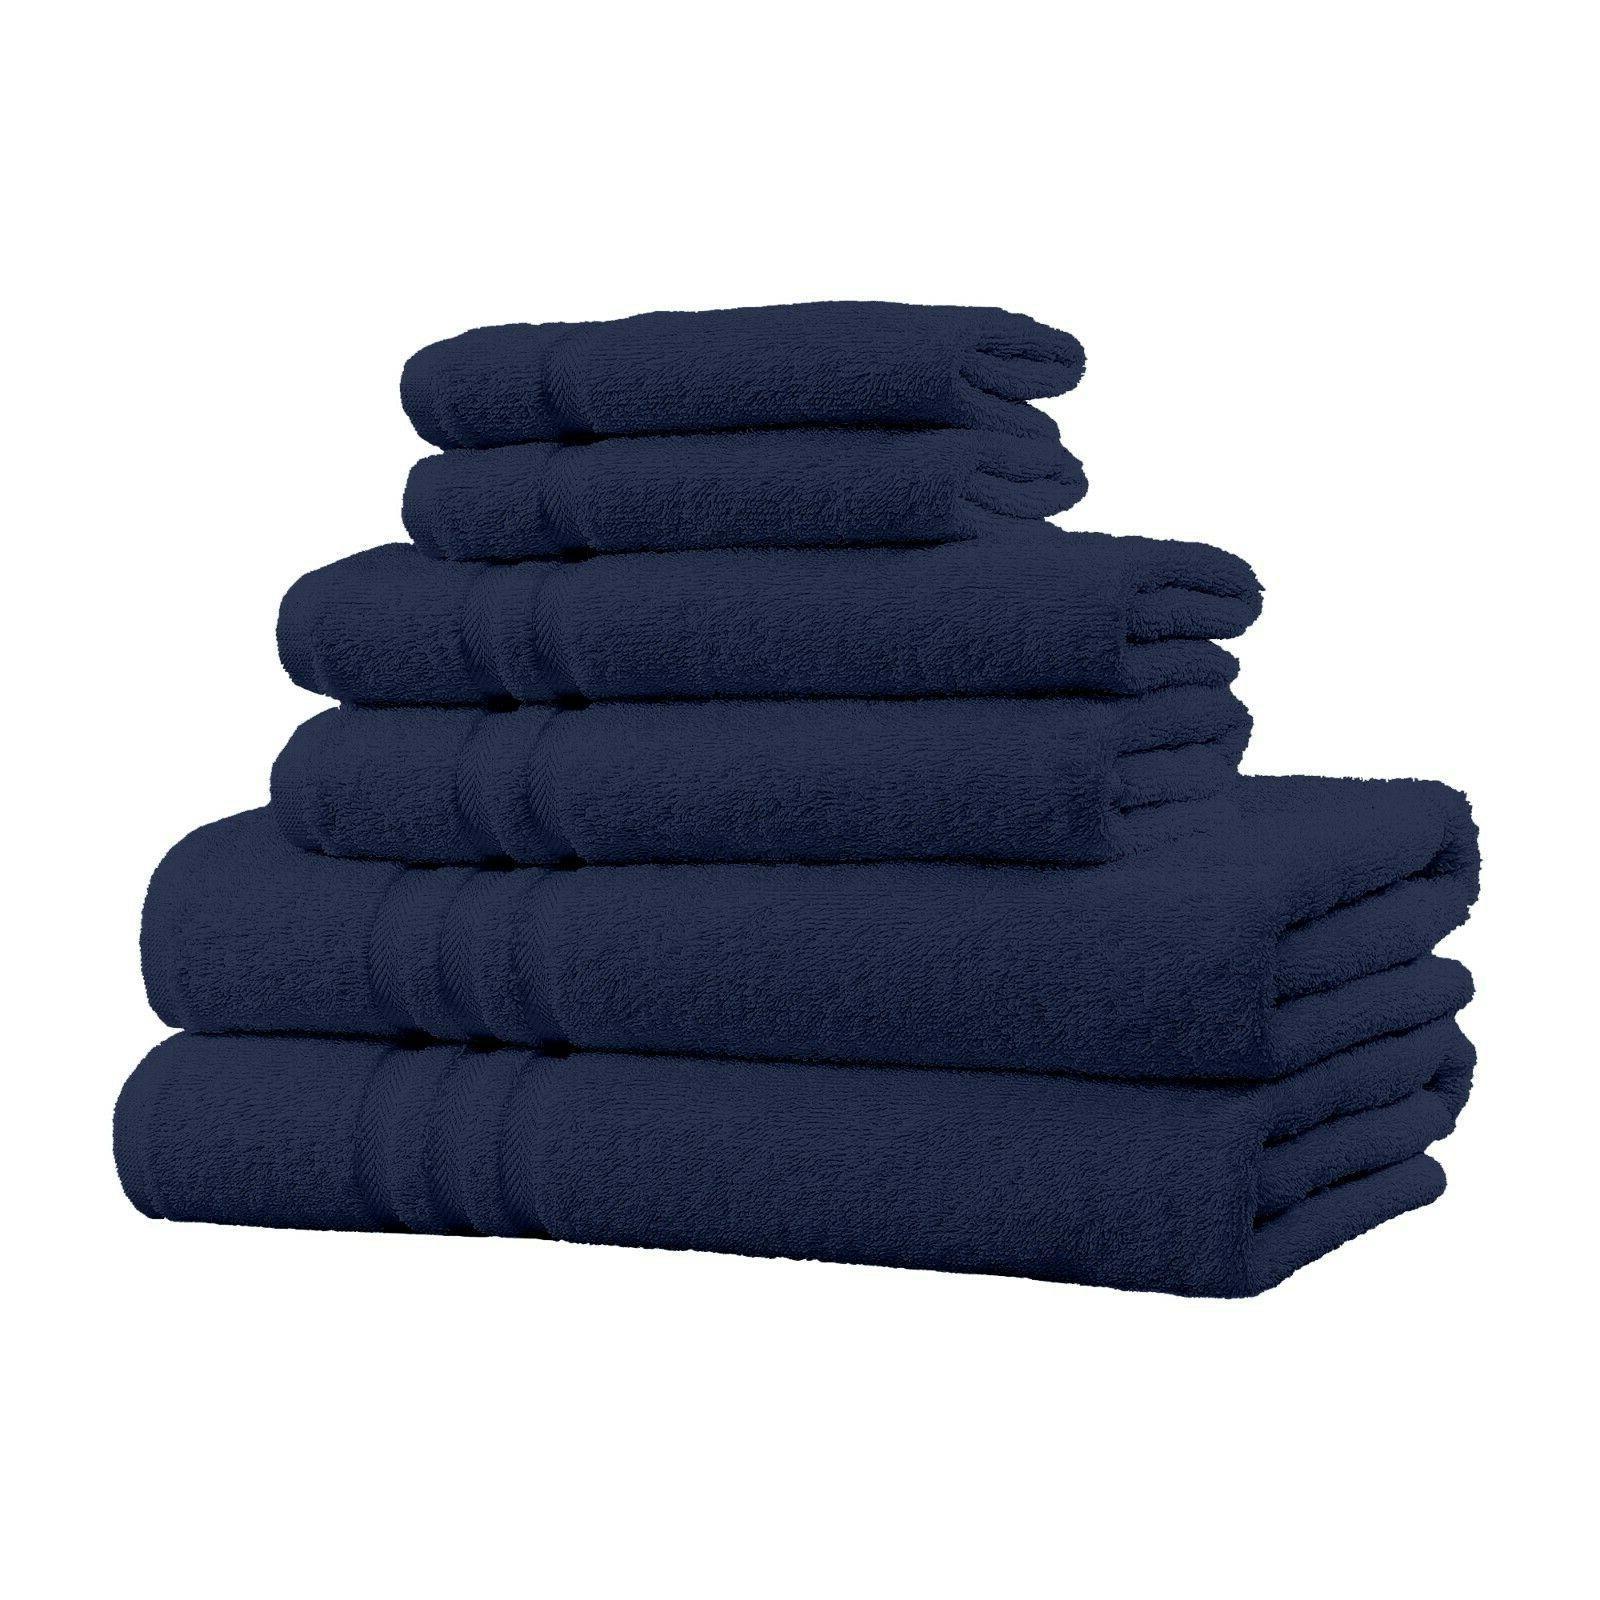 100% Cotton Set - Bath Towels, and